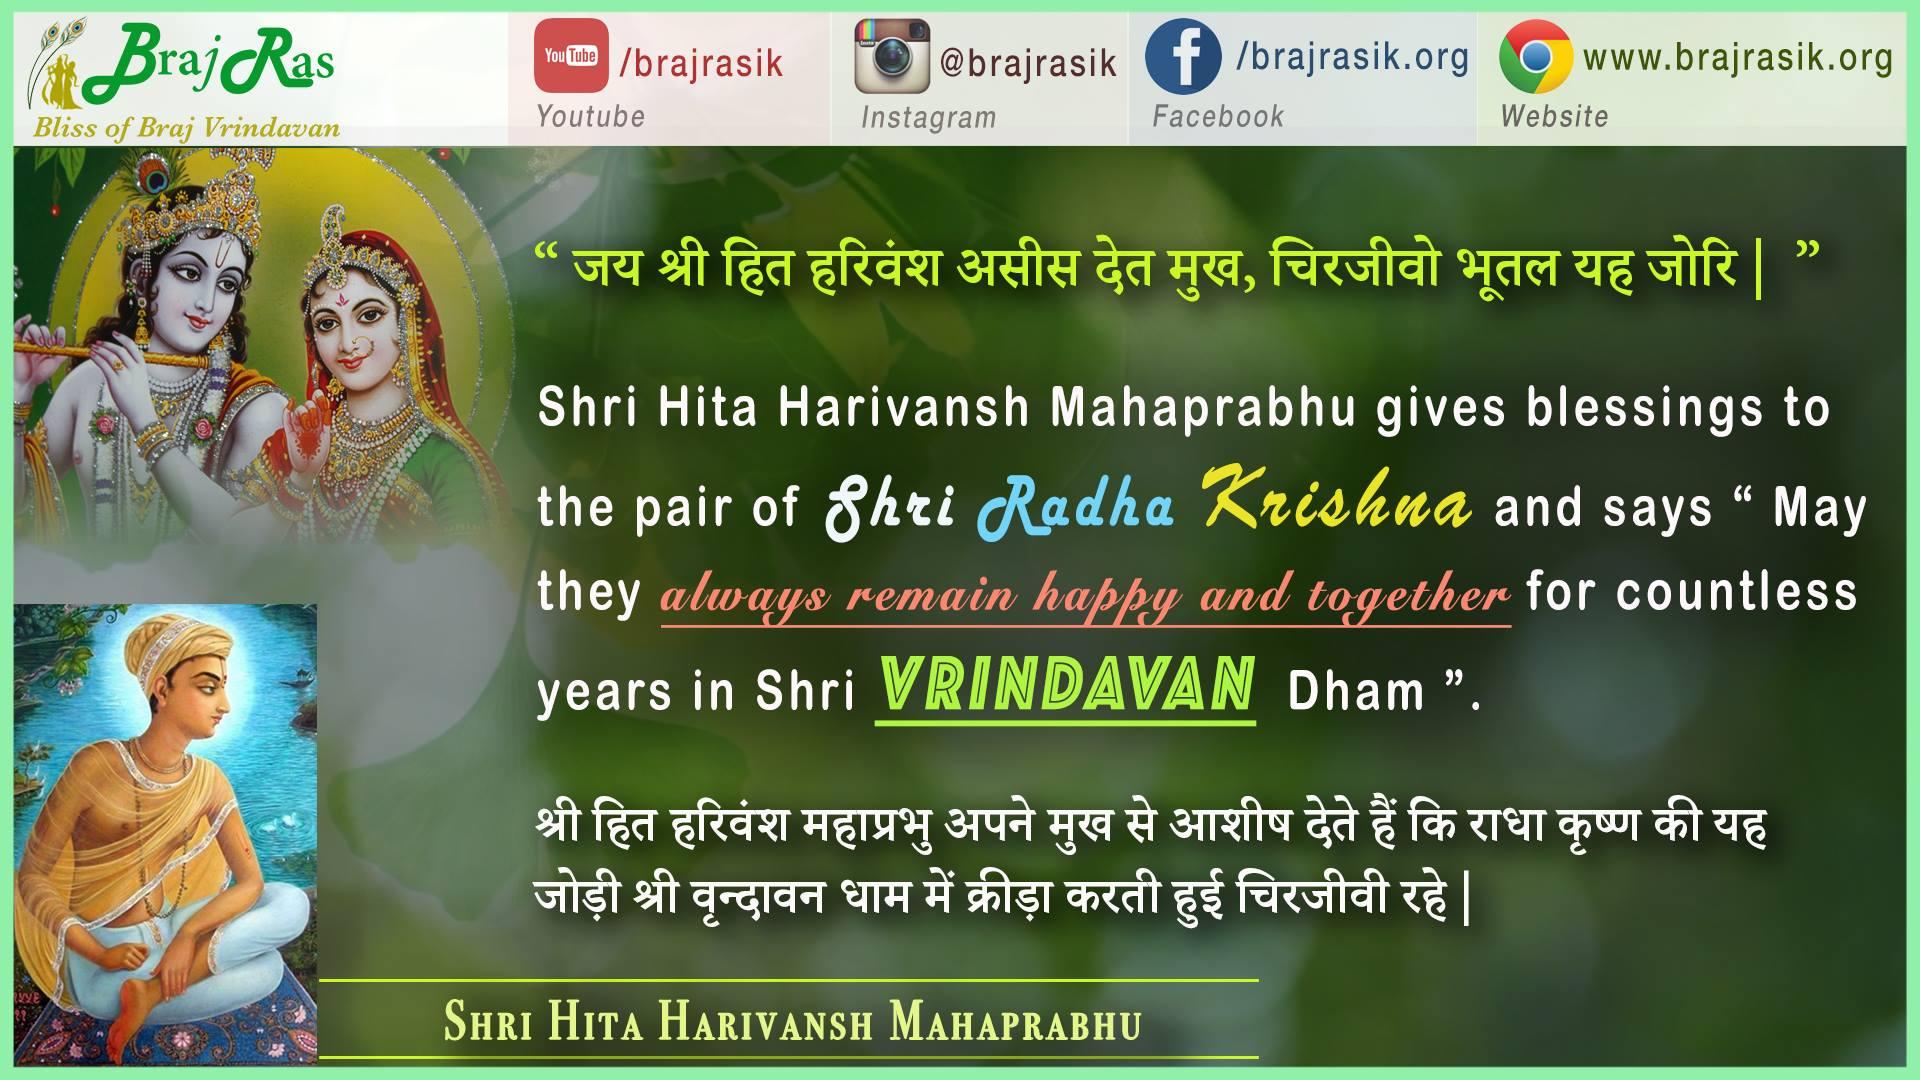 Jay Shri Hit Harivansh Aasees Det Mukh - Shri Hita Harivansh Mahaprahu